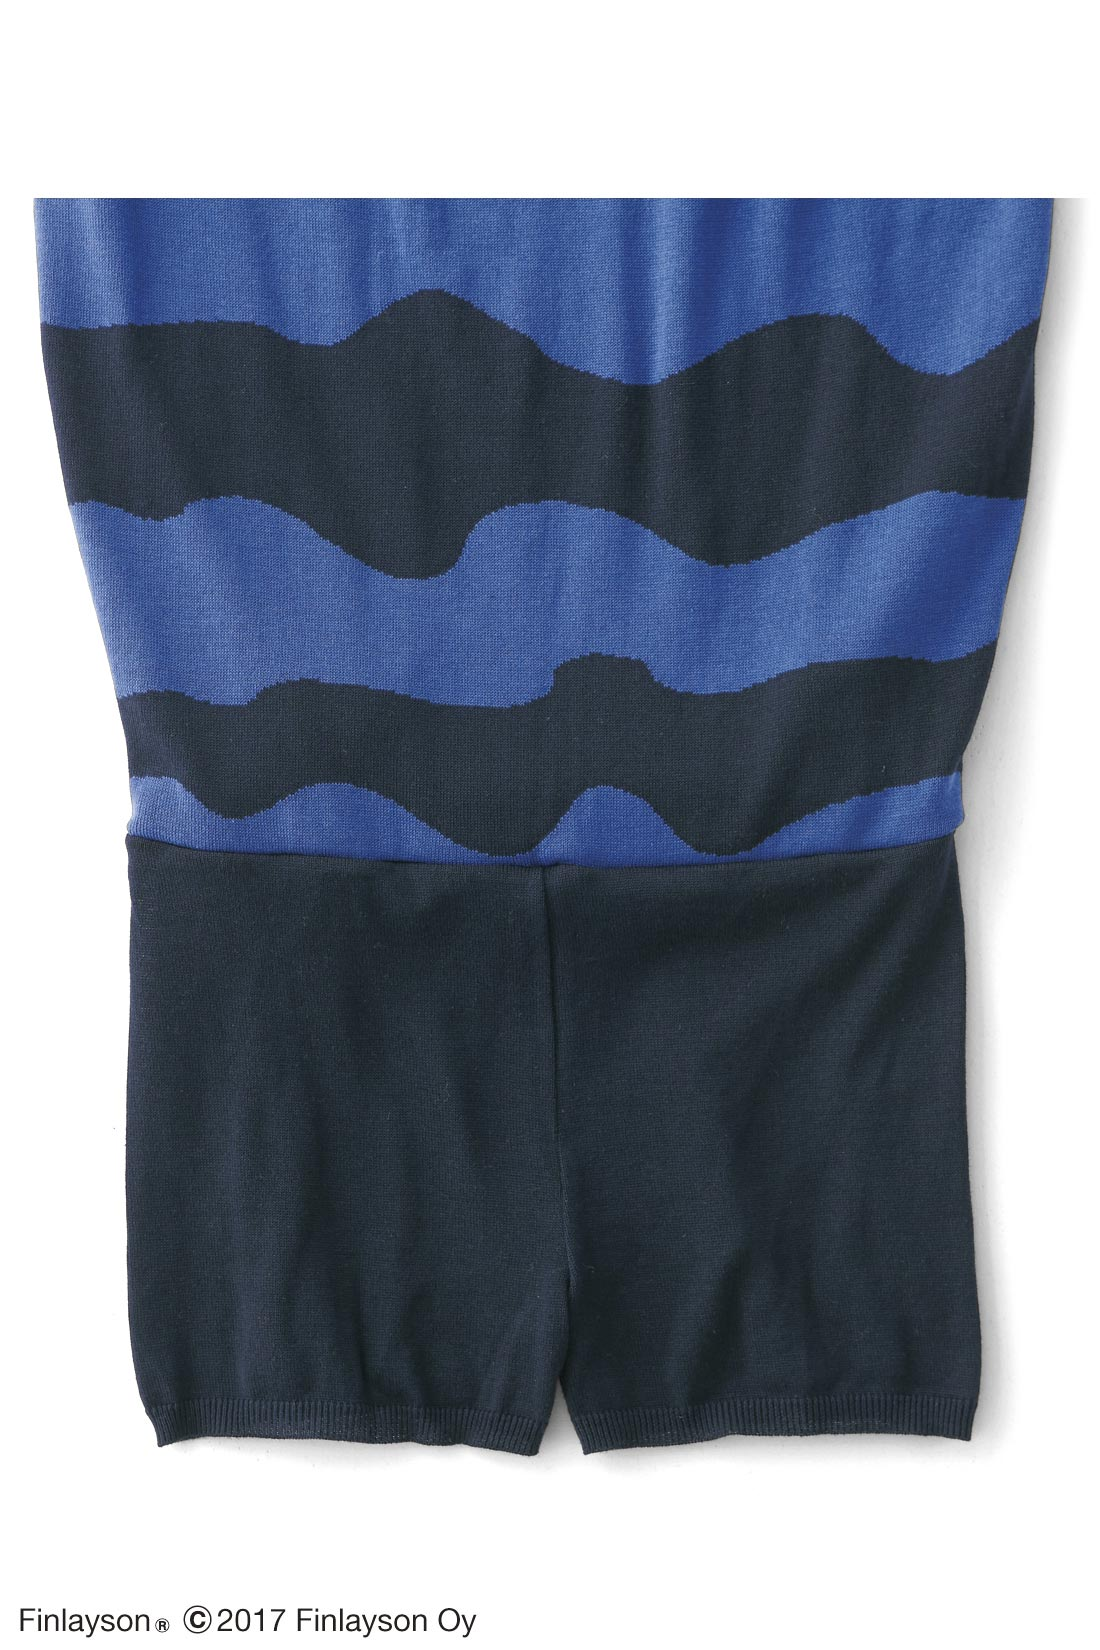 スカートの内側はインナーパンツ付きであったか。